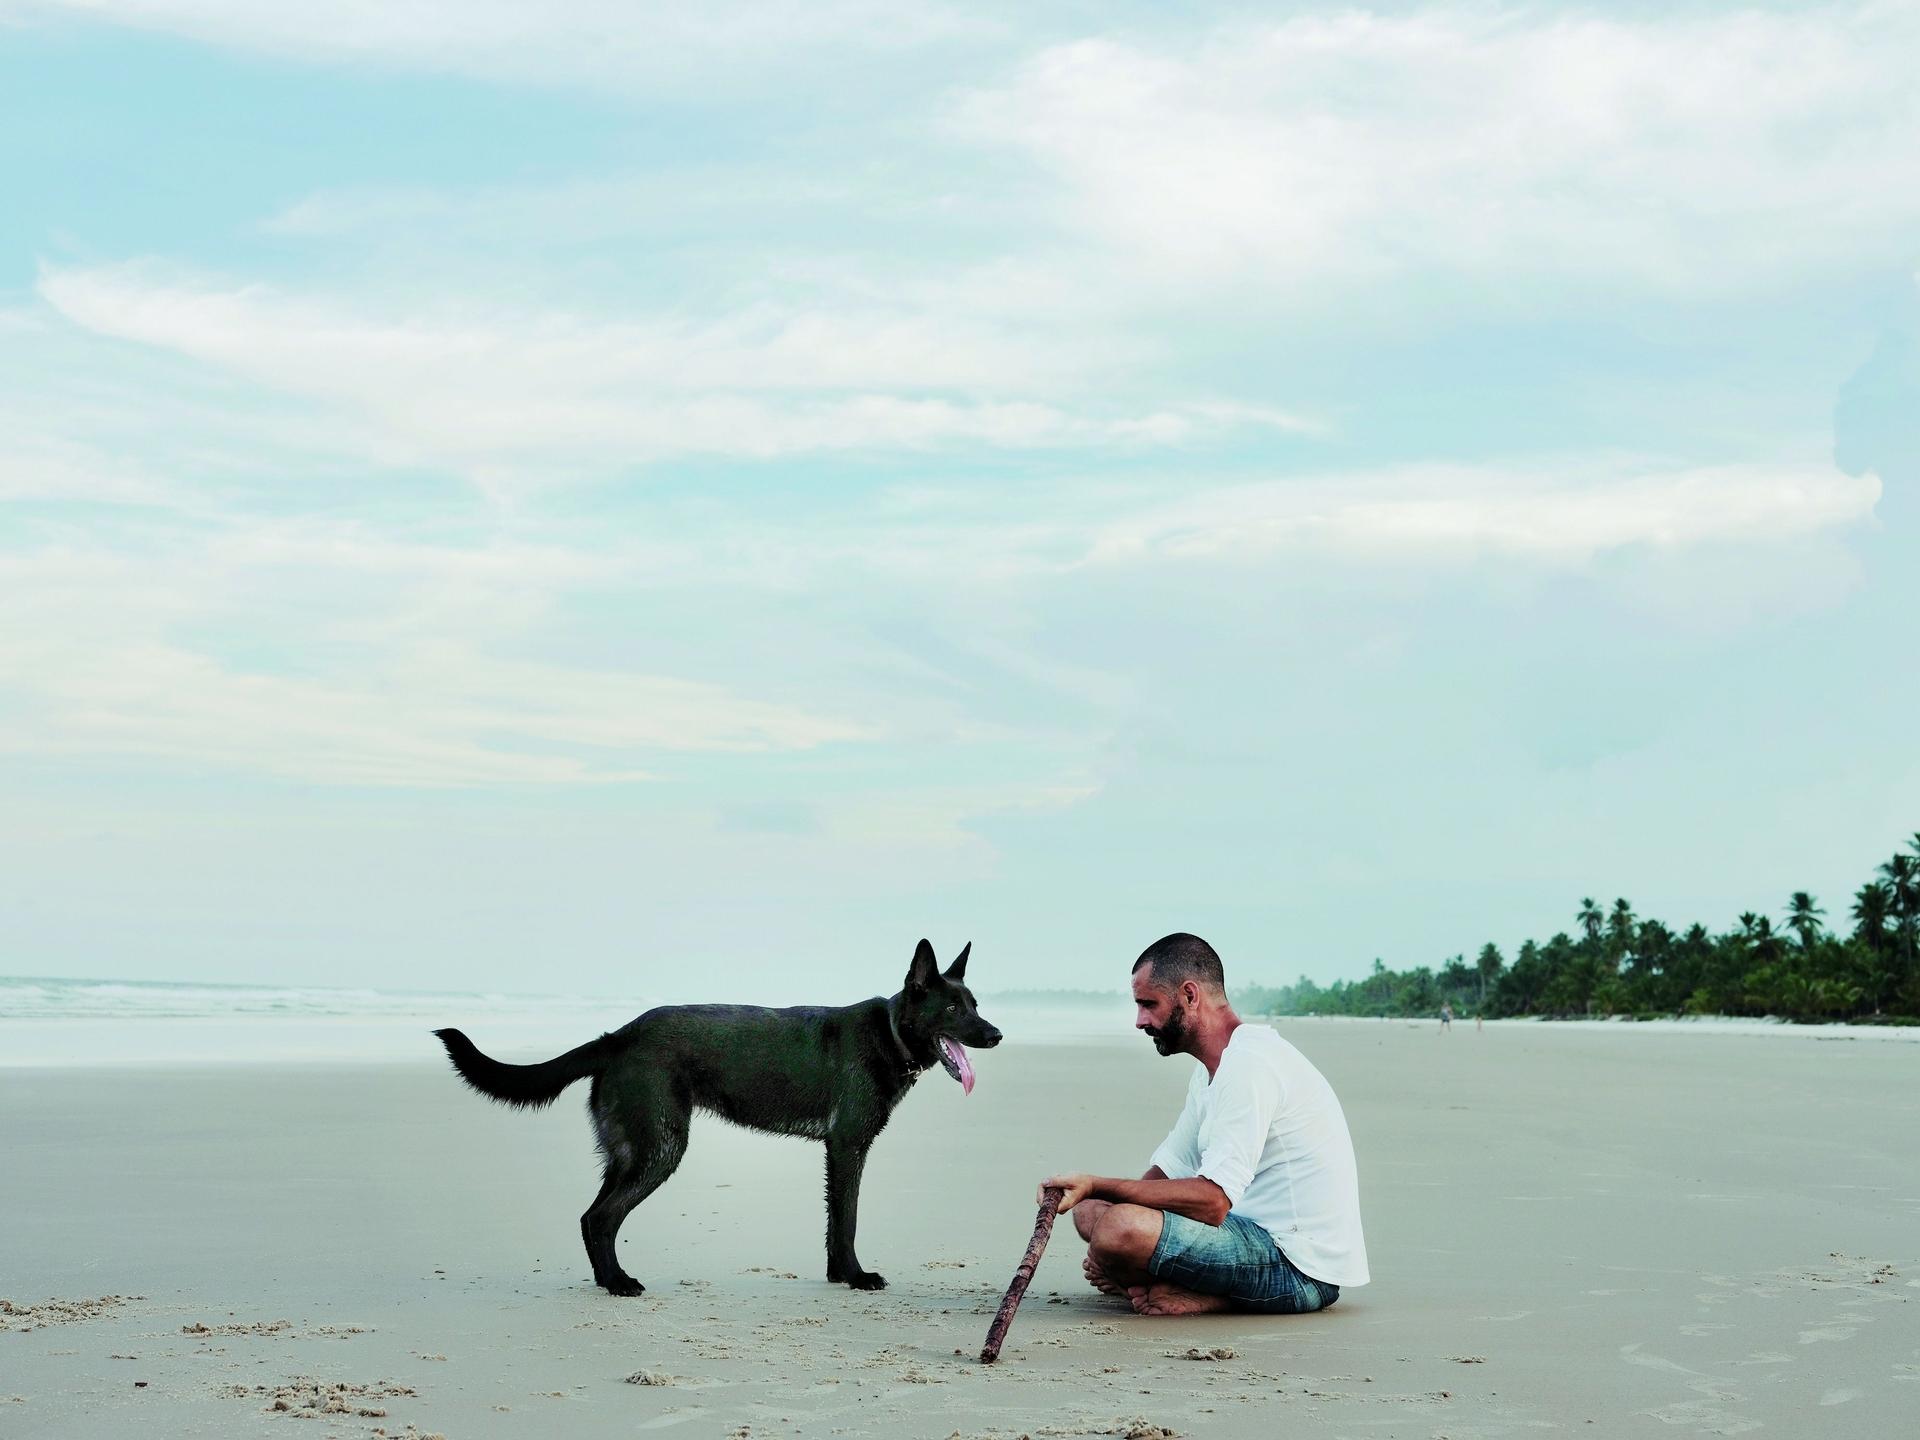 巴西,巴伊亞 在強制實施禁足令前,一名男子和他的狗享受在沙灘上的一天。LUISA DÖRR